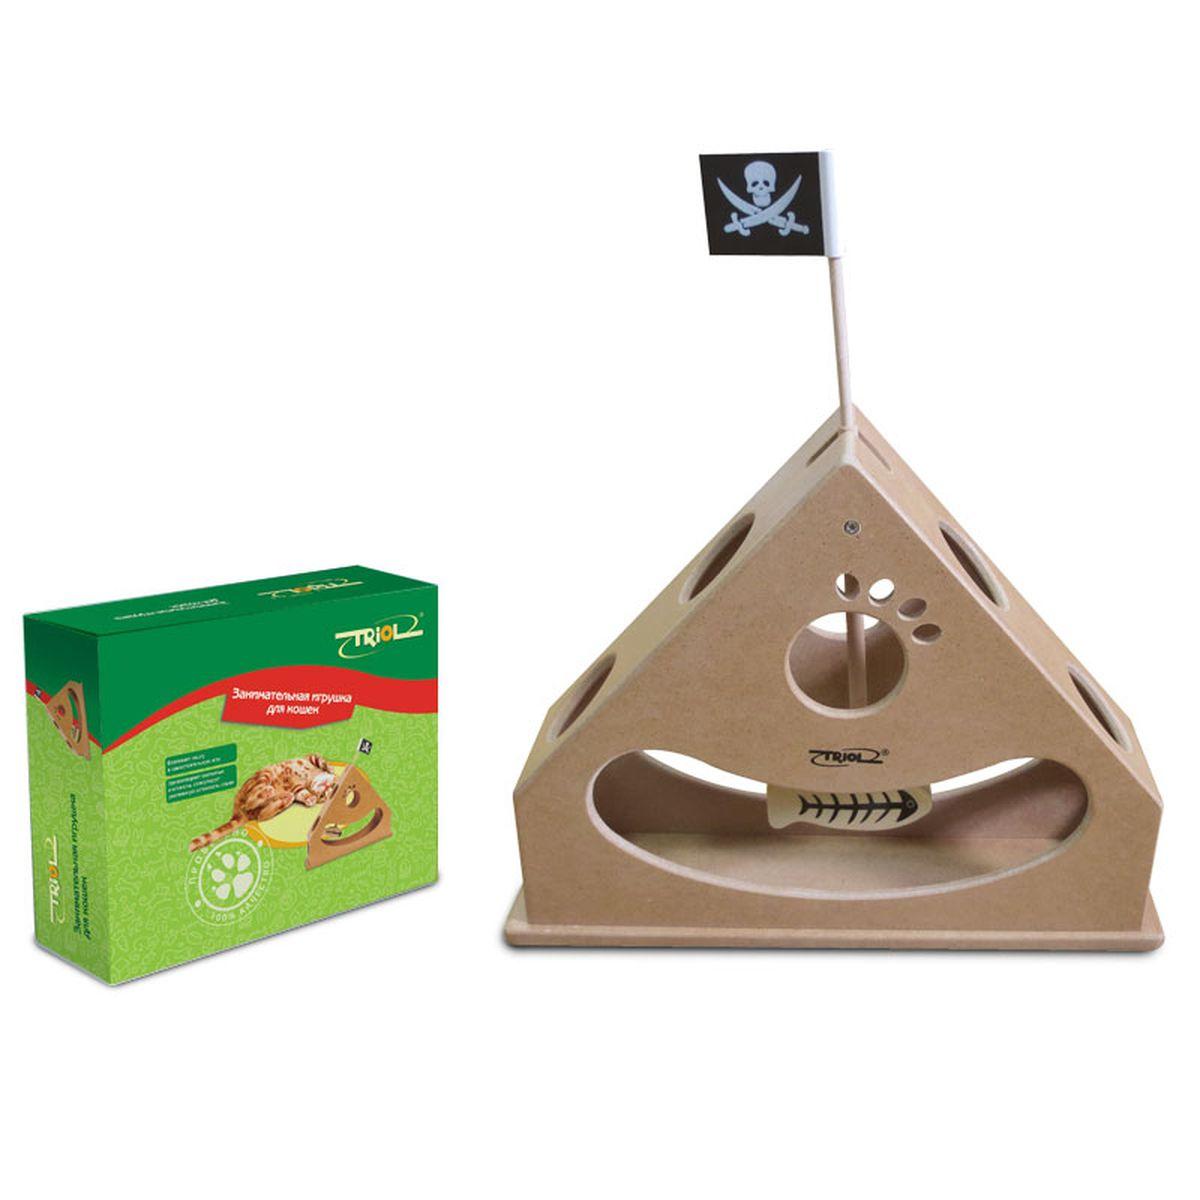 Игрушка для кошек Triol, 29,8 х 7,8 х 30 см16358/625505Развивающая игрушка Triol поможет стимулировать охотничьи навыки кошек, активное выслеживание добычи. Игрушка выполнена из МДФ.Поставьте этот маяк перед кошкой и понаблюдайте за тем, как ваш питомец будет прицеливаться в маленькую рыбку на конце маяка, используя всевозможные способы. Вы также можете использовать игрушку для того, чтобы прятать в ней угощения.